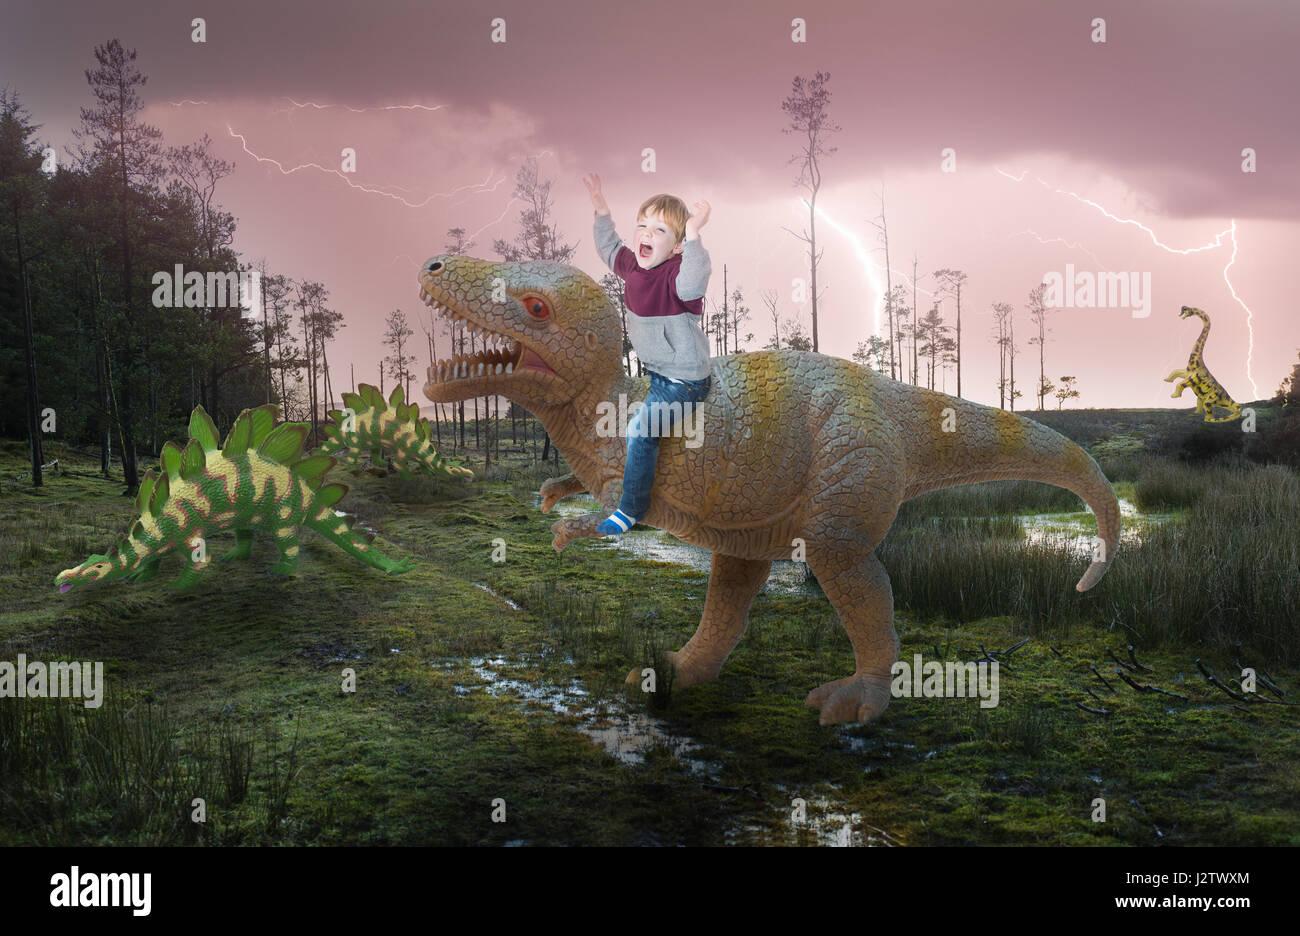 Un petit garçon fantaisie équestre sur un dinosaure Photo Stock